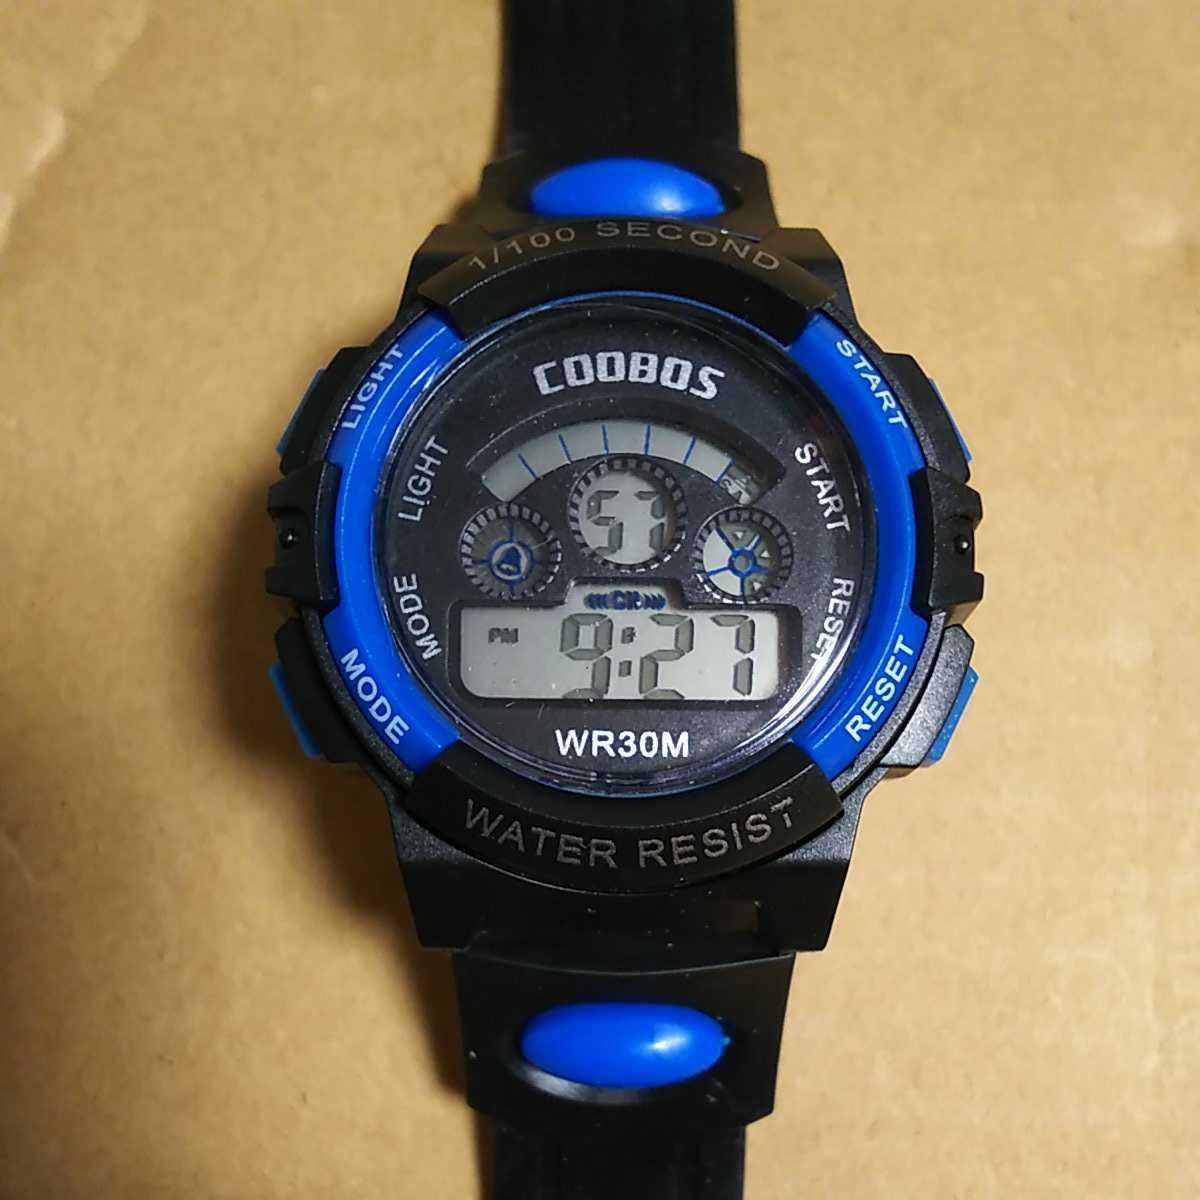 ◆デジタル腕時計 防水腕時計 スポーツウォッチ ストップウォッチ機能付 30M防水 ブルー_画像1